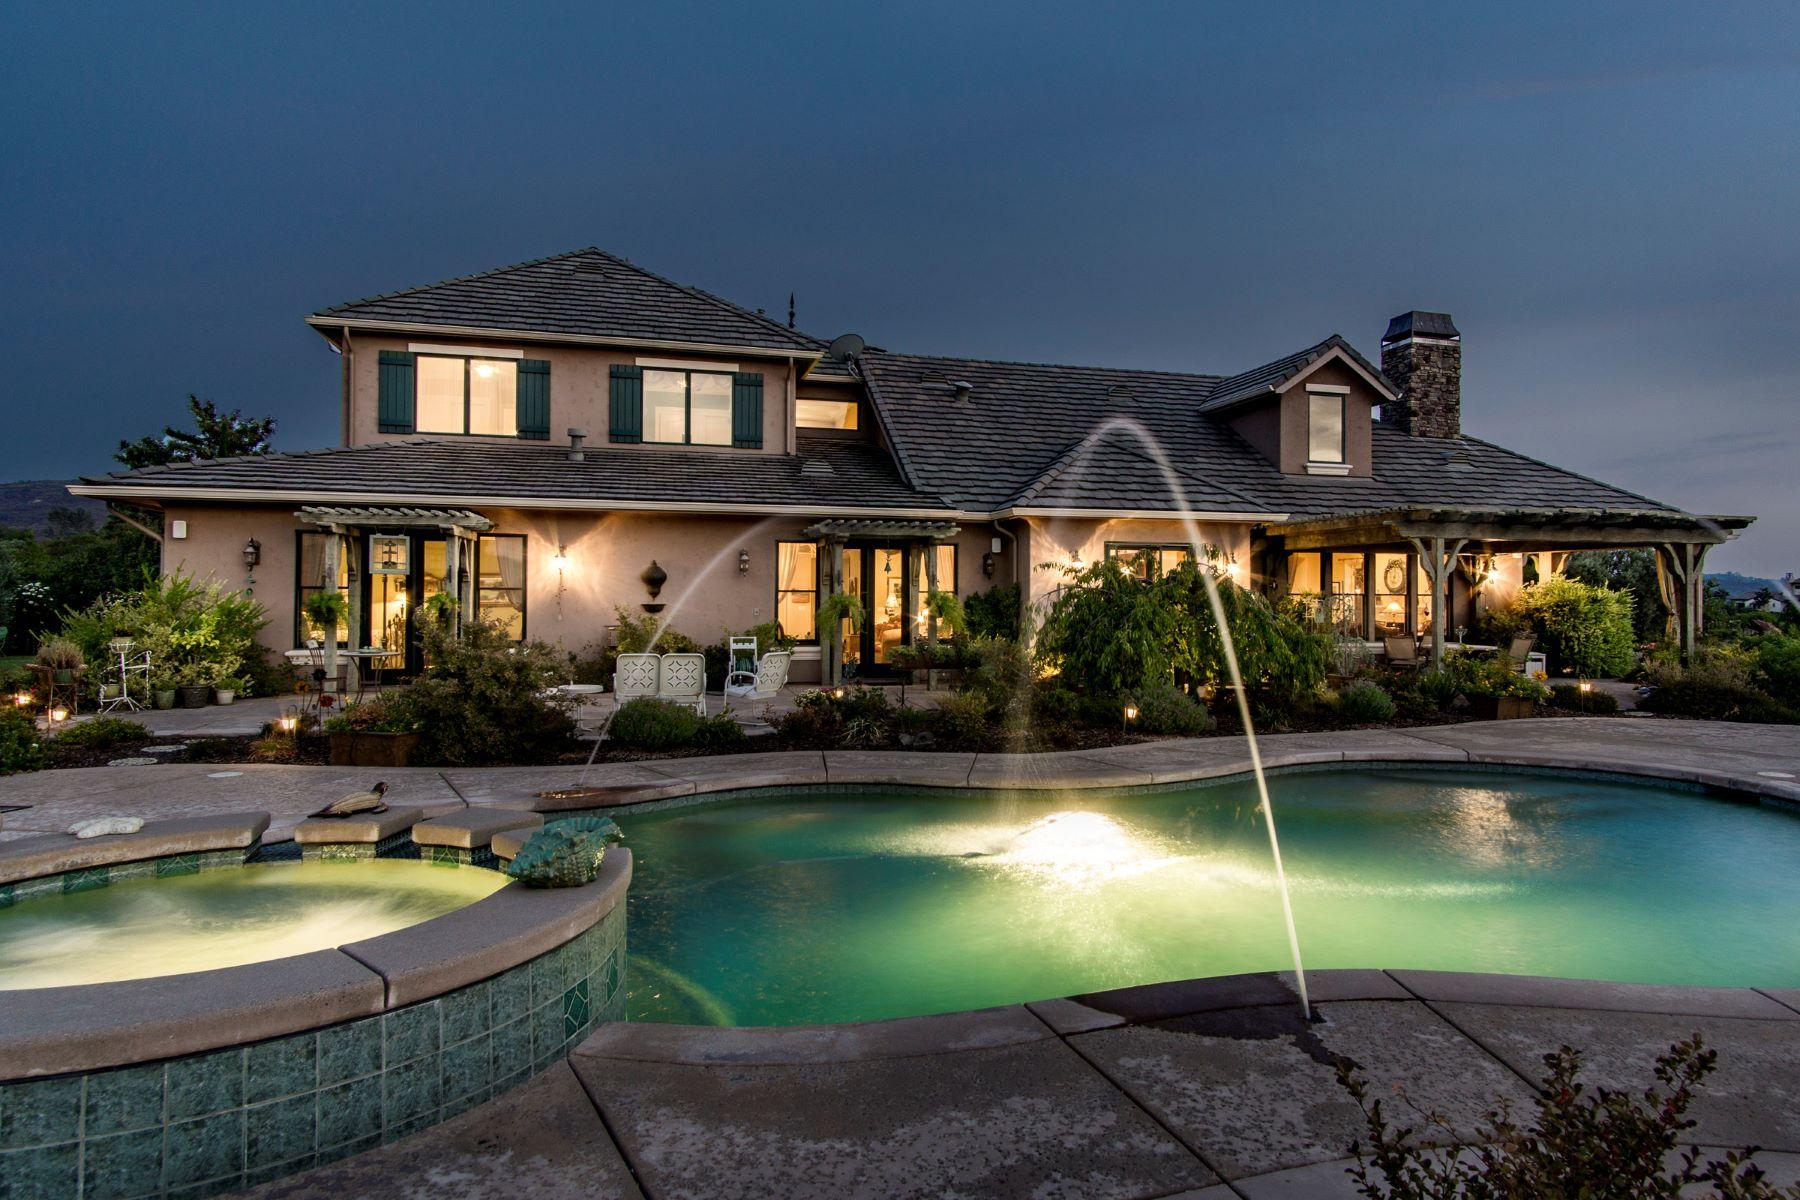 独户住宅 为 销售 在 Extraordinary Resort-like Country French Estate with breathtaking lake views 2011 Chateau Montelana Drive El Dorado Hills, 加利福尼亚州 95762 美国